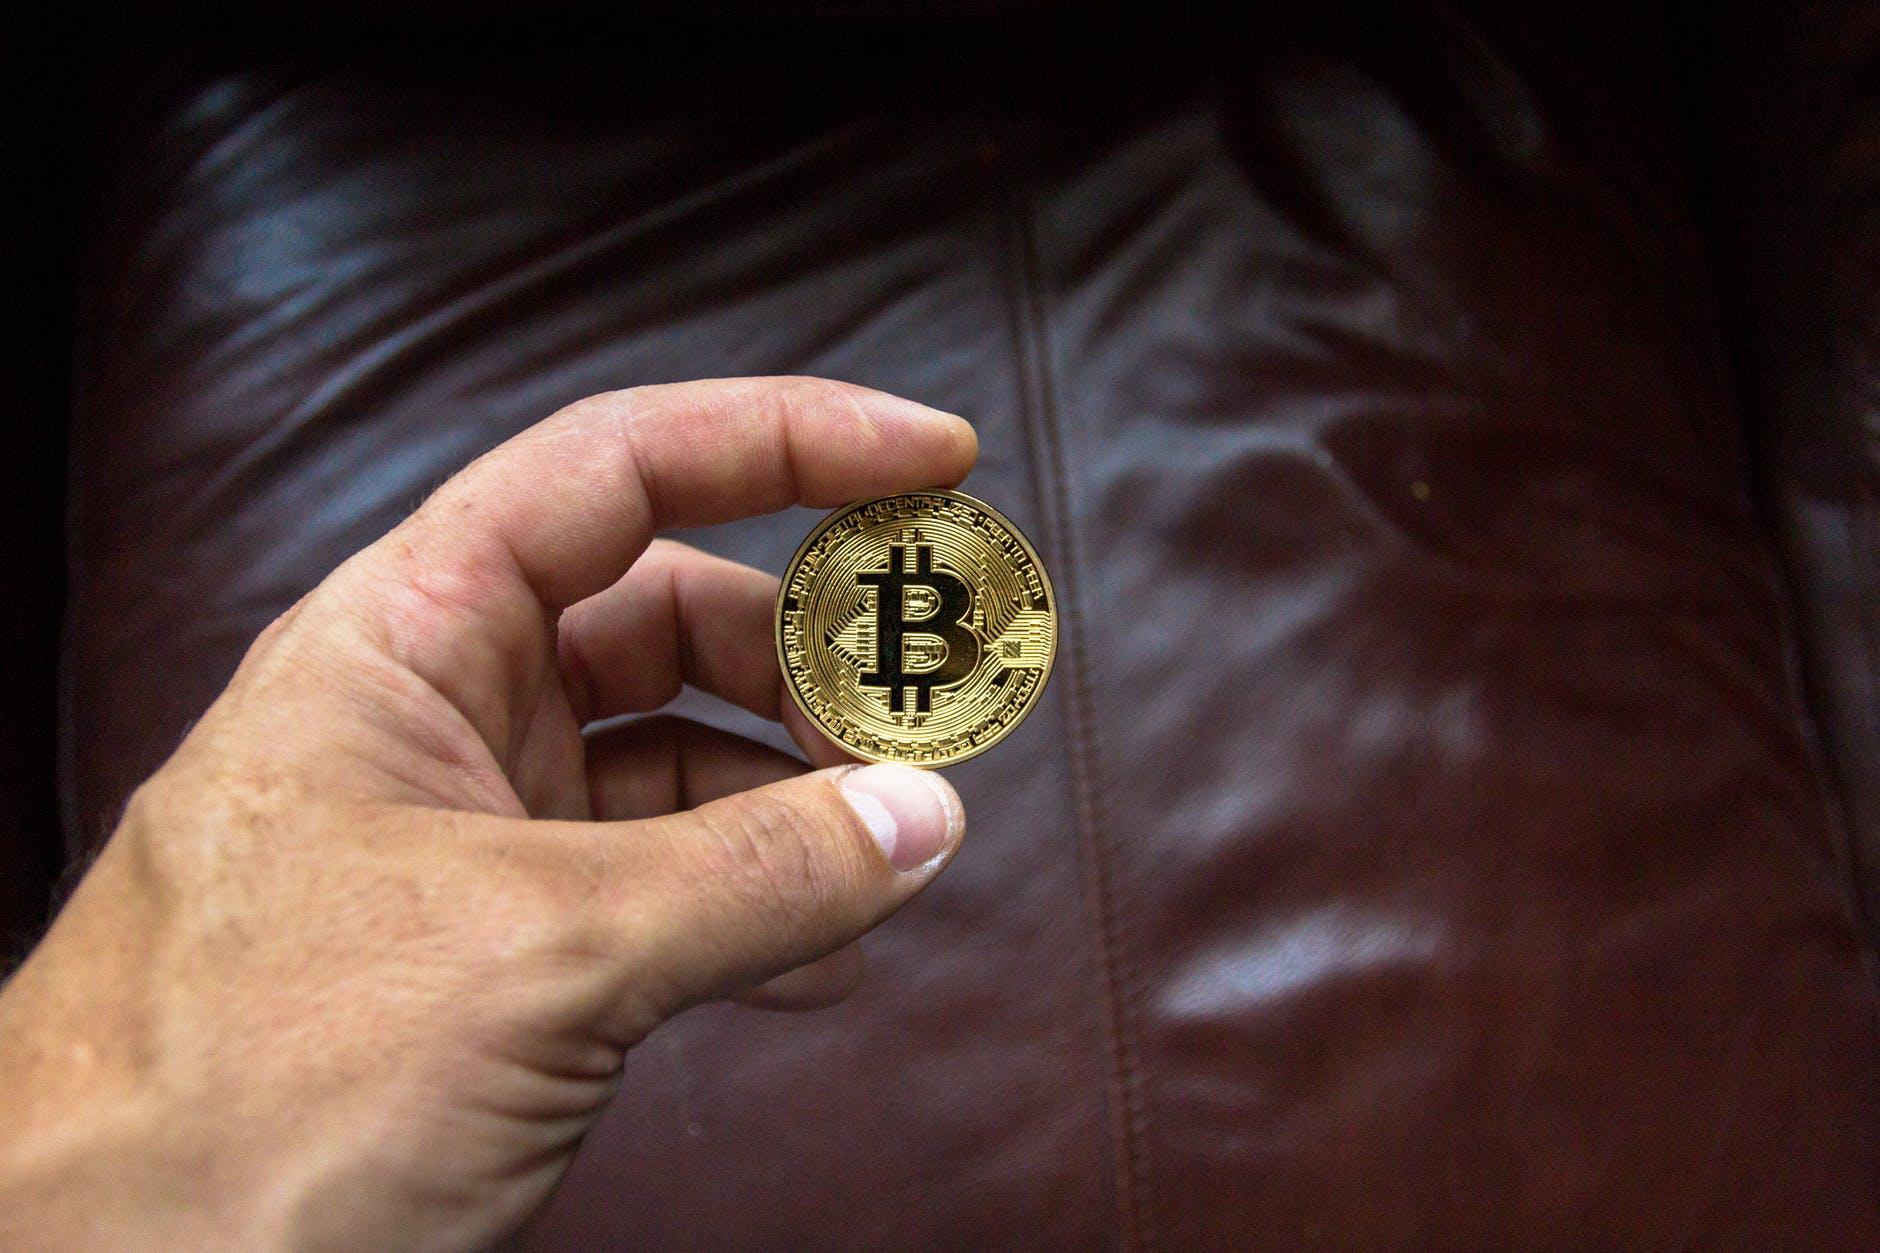 Warren Buffett: Bitcoin Has No Value